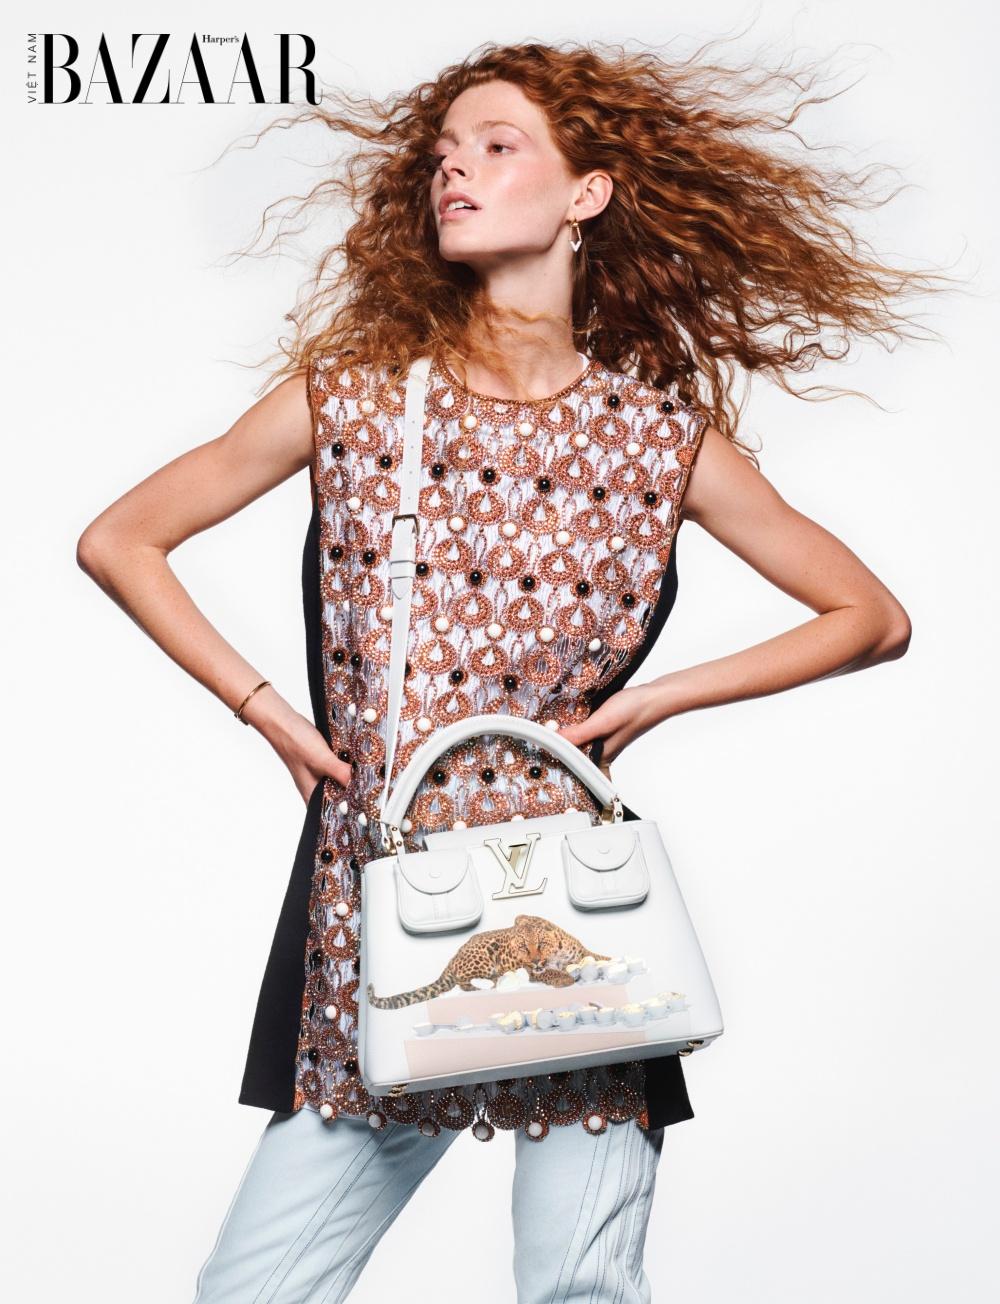 Louis Vuitton ra mắt 6 thiết kế Artycapucines nghệ thuật năm 2021 14